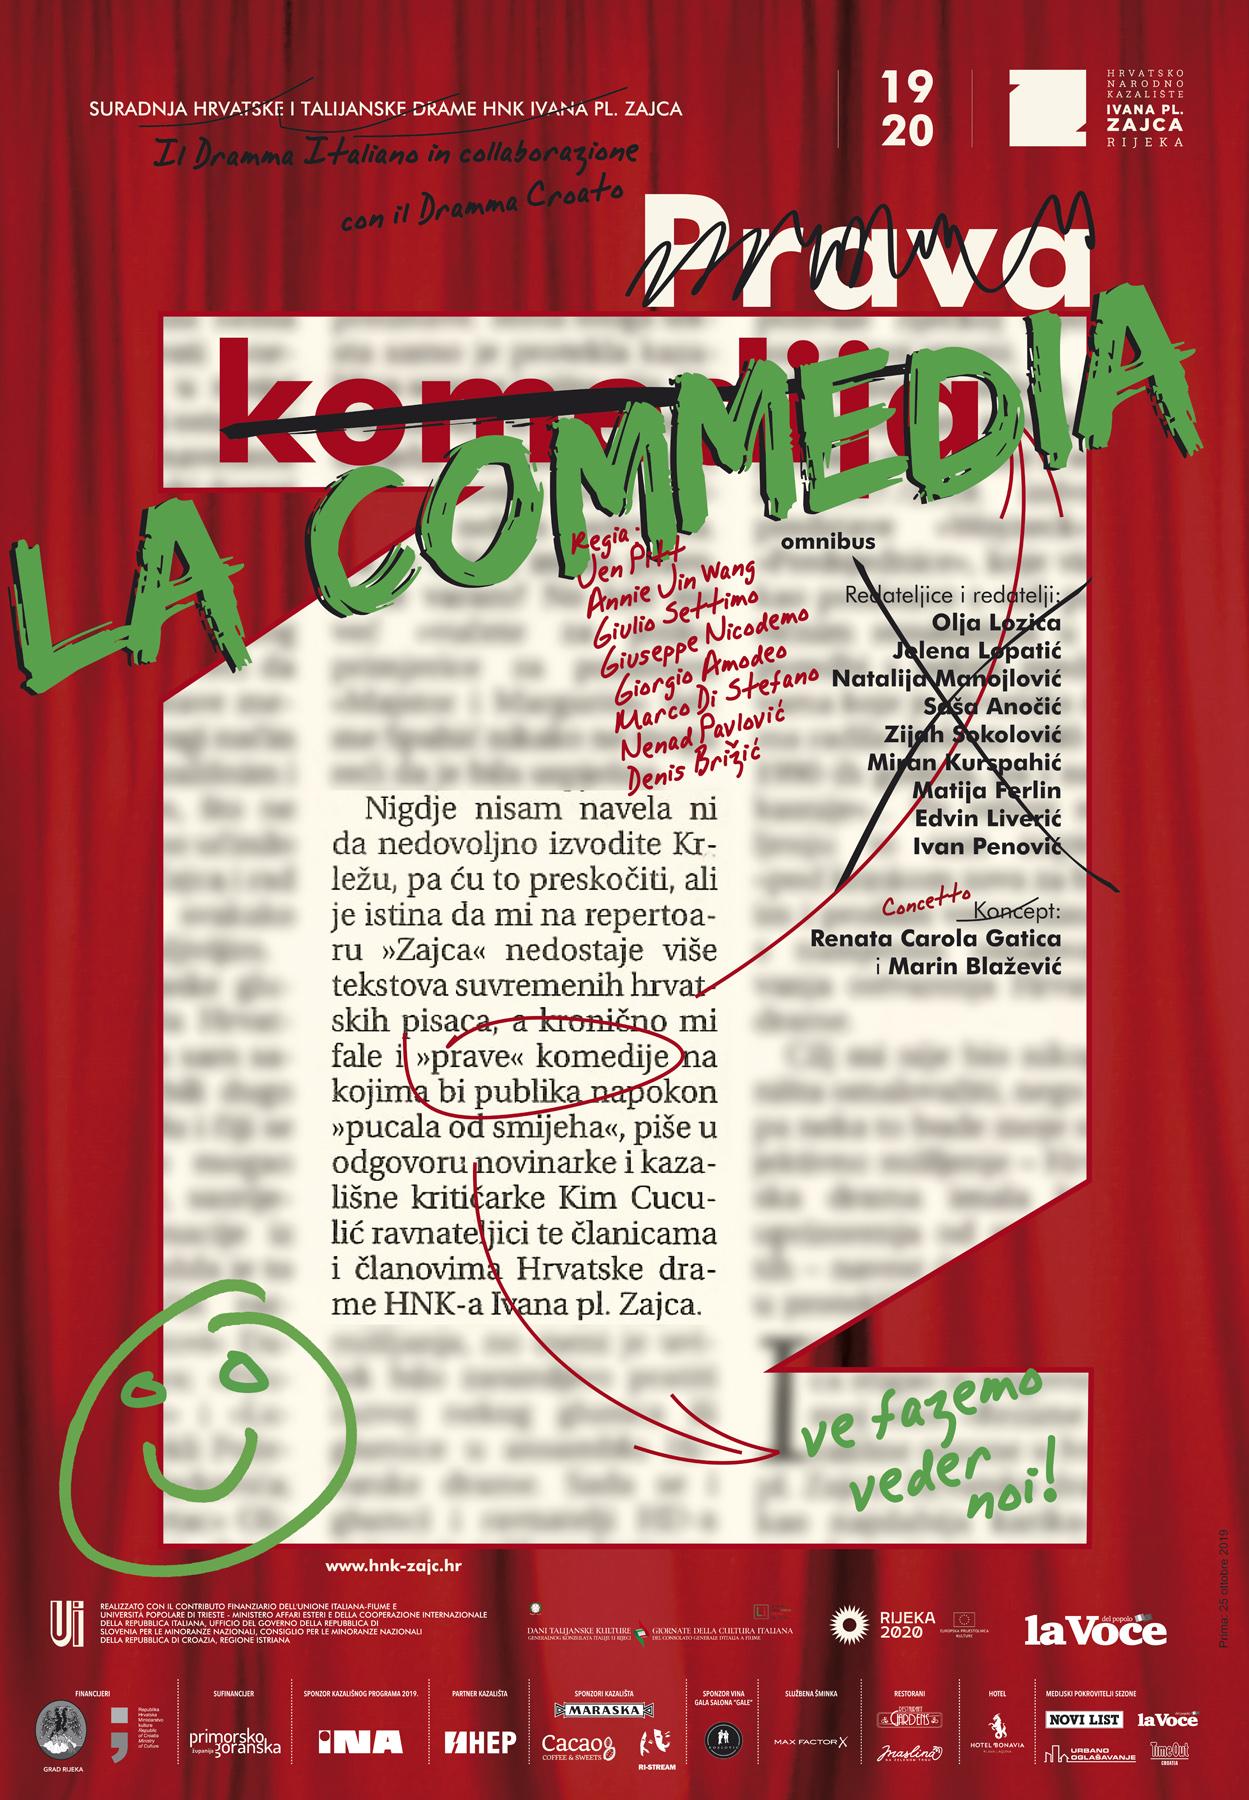 Premijera omnibus predstave 'La Commedia' u riječkom HNK-u